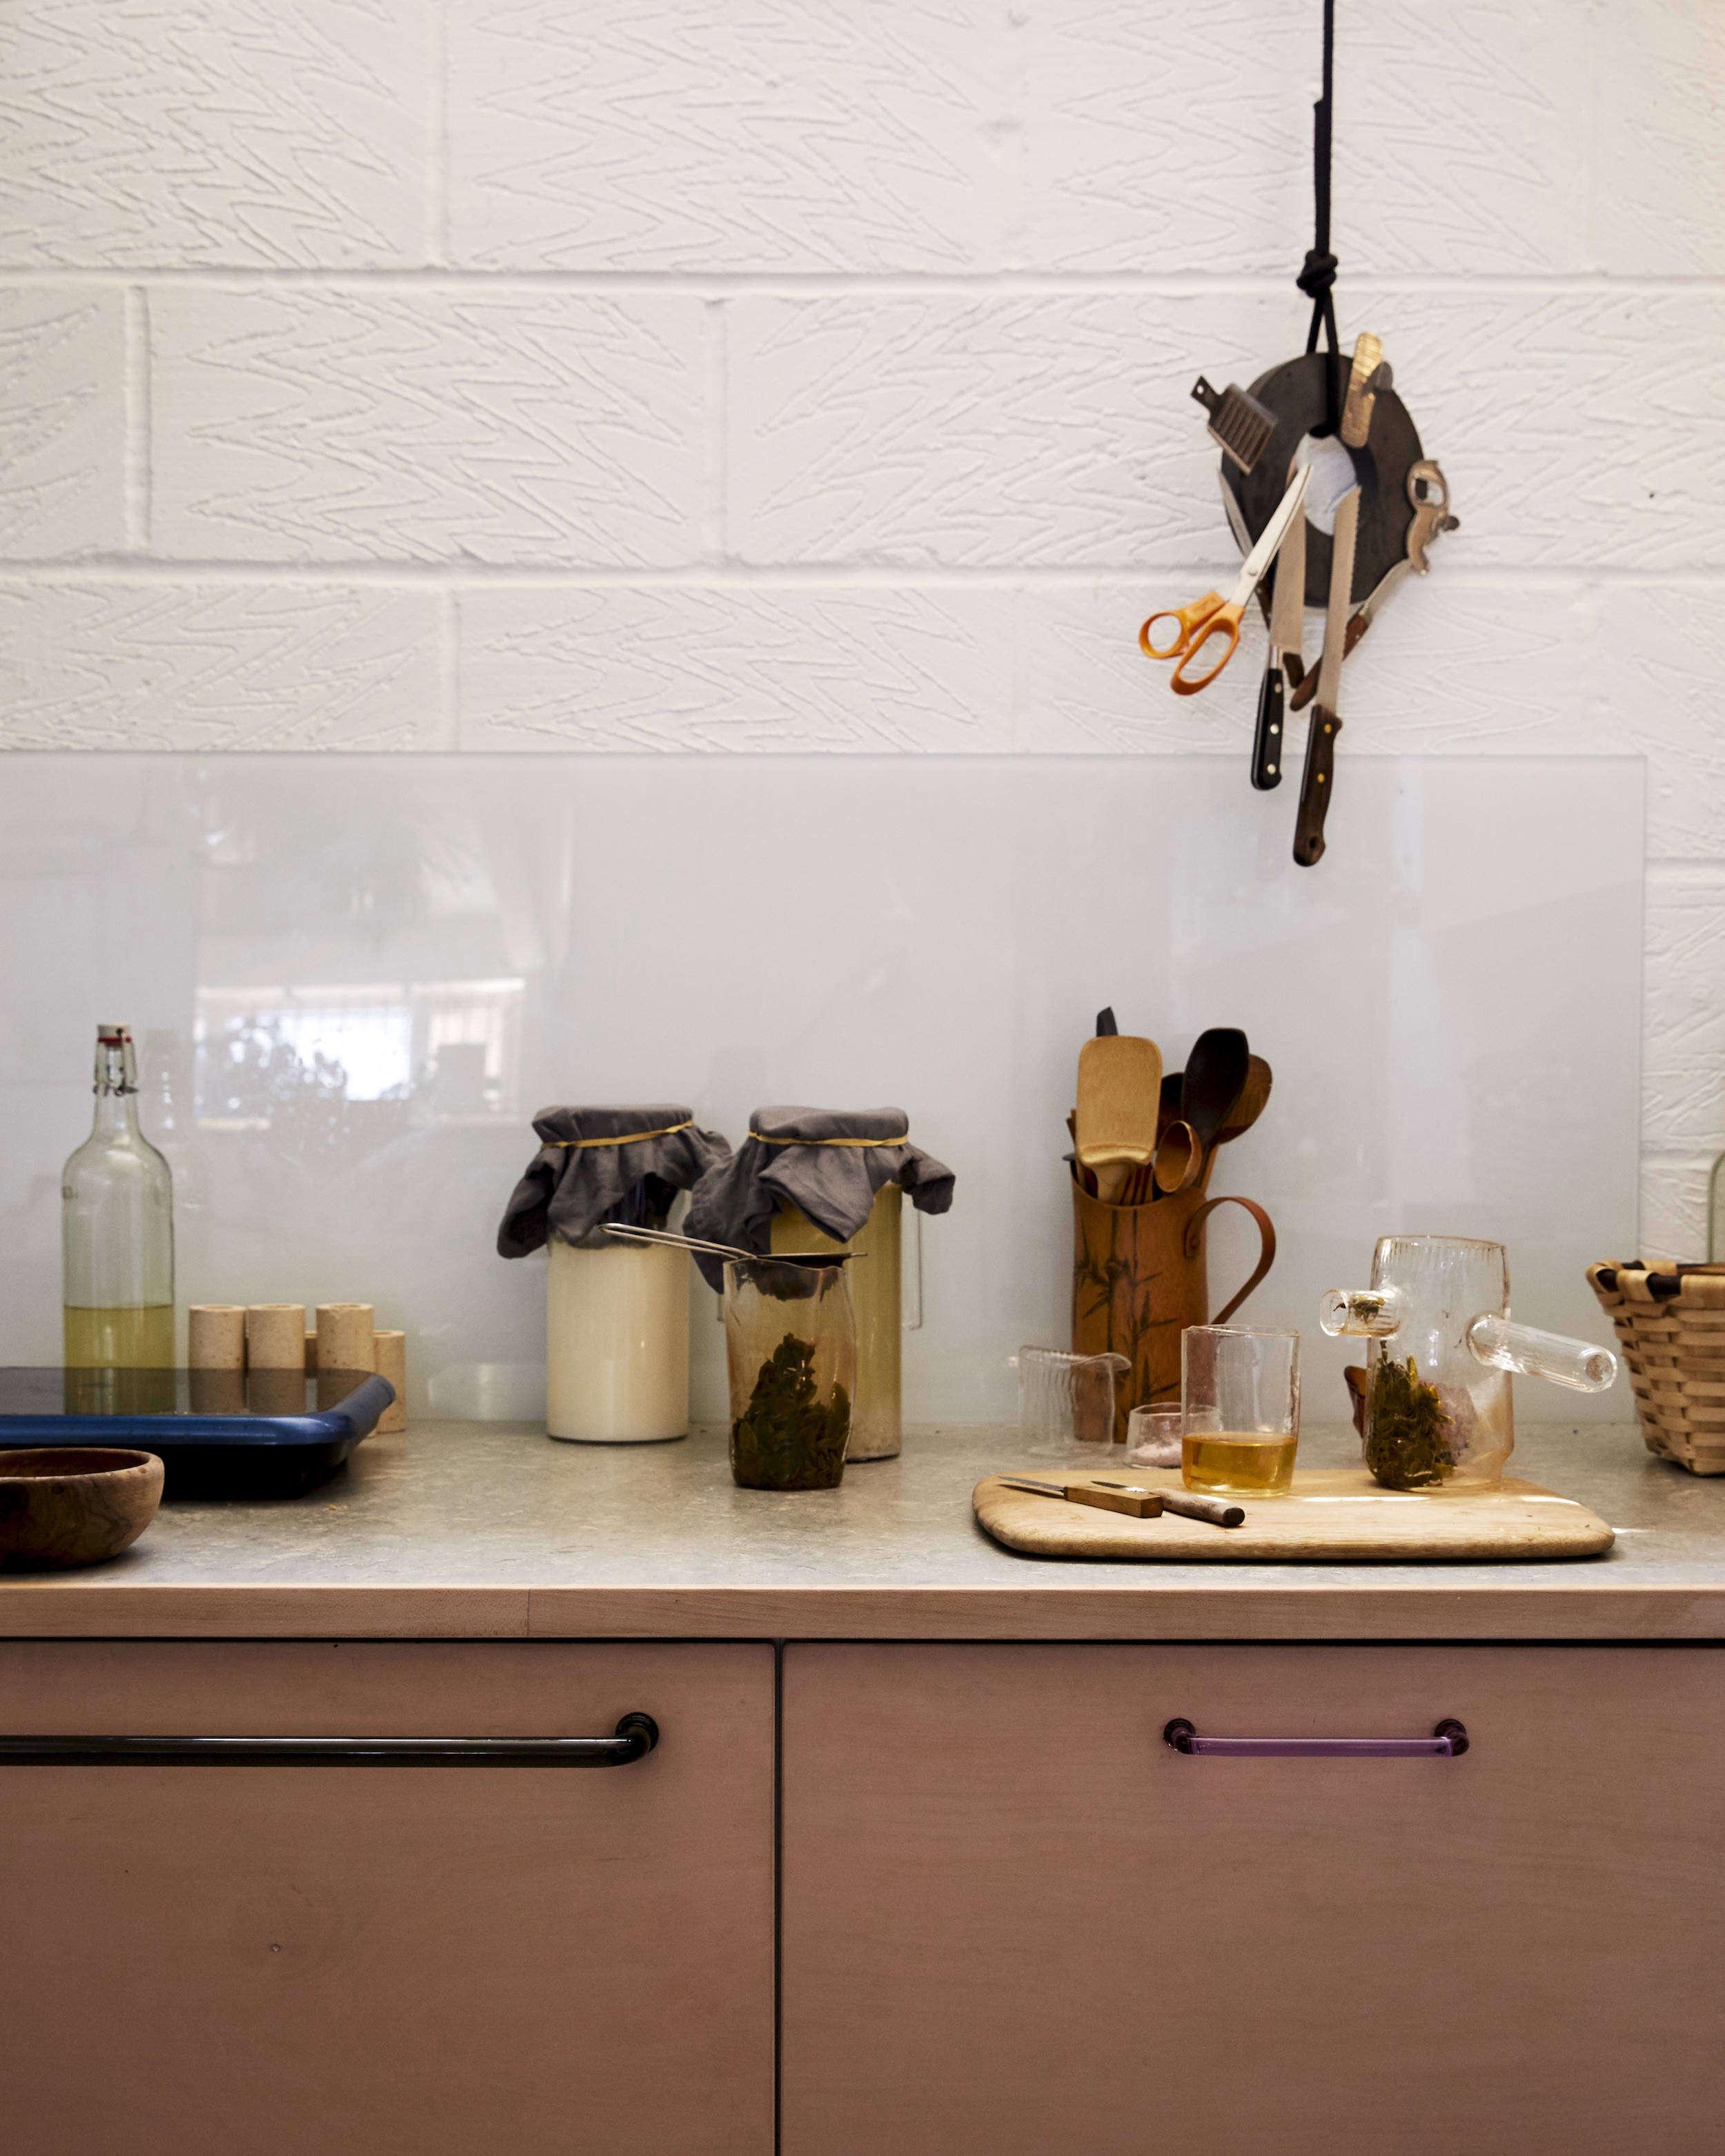 Jochen Holz Studio Kitchen Counter, Photo by Kim Lightbody